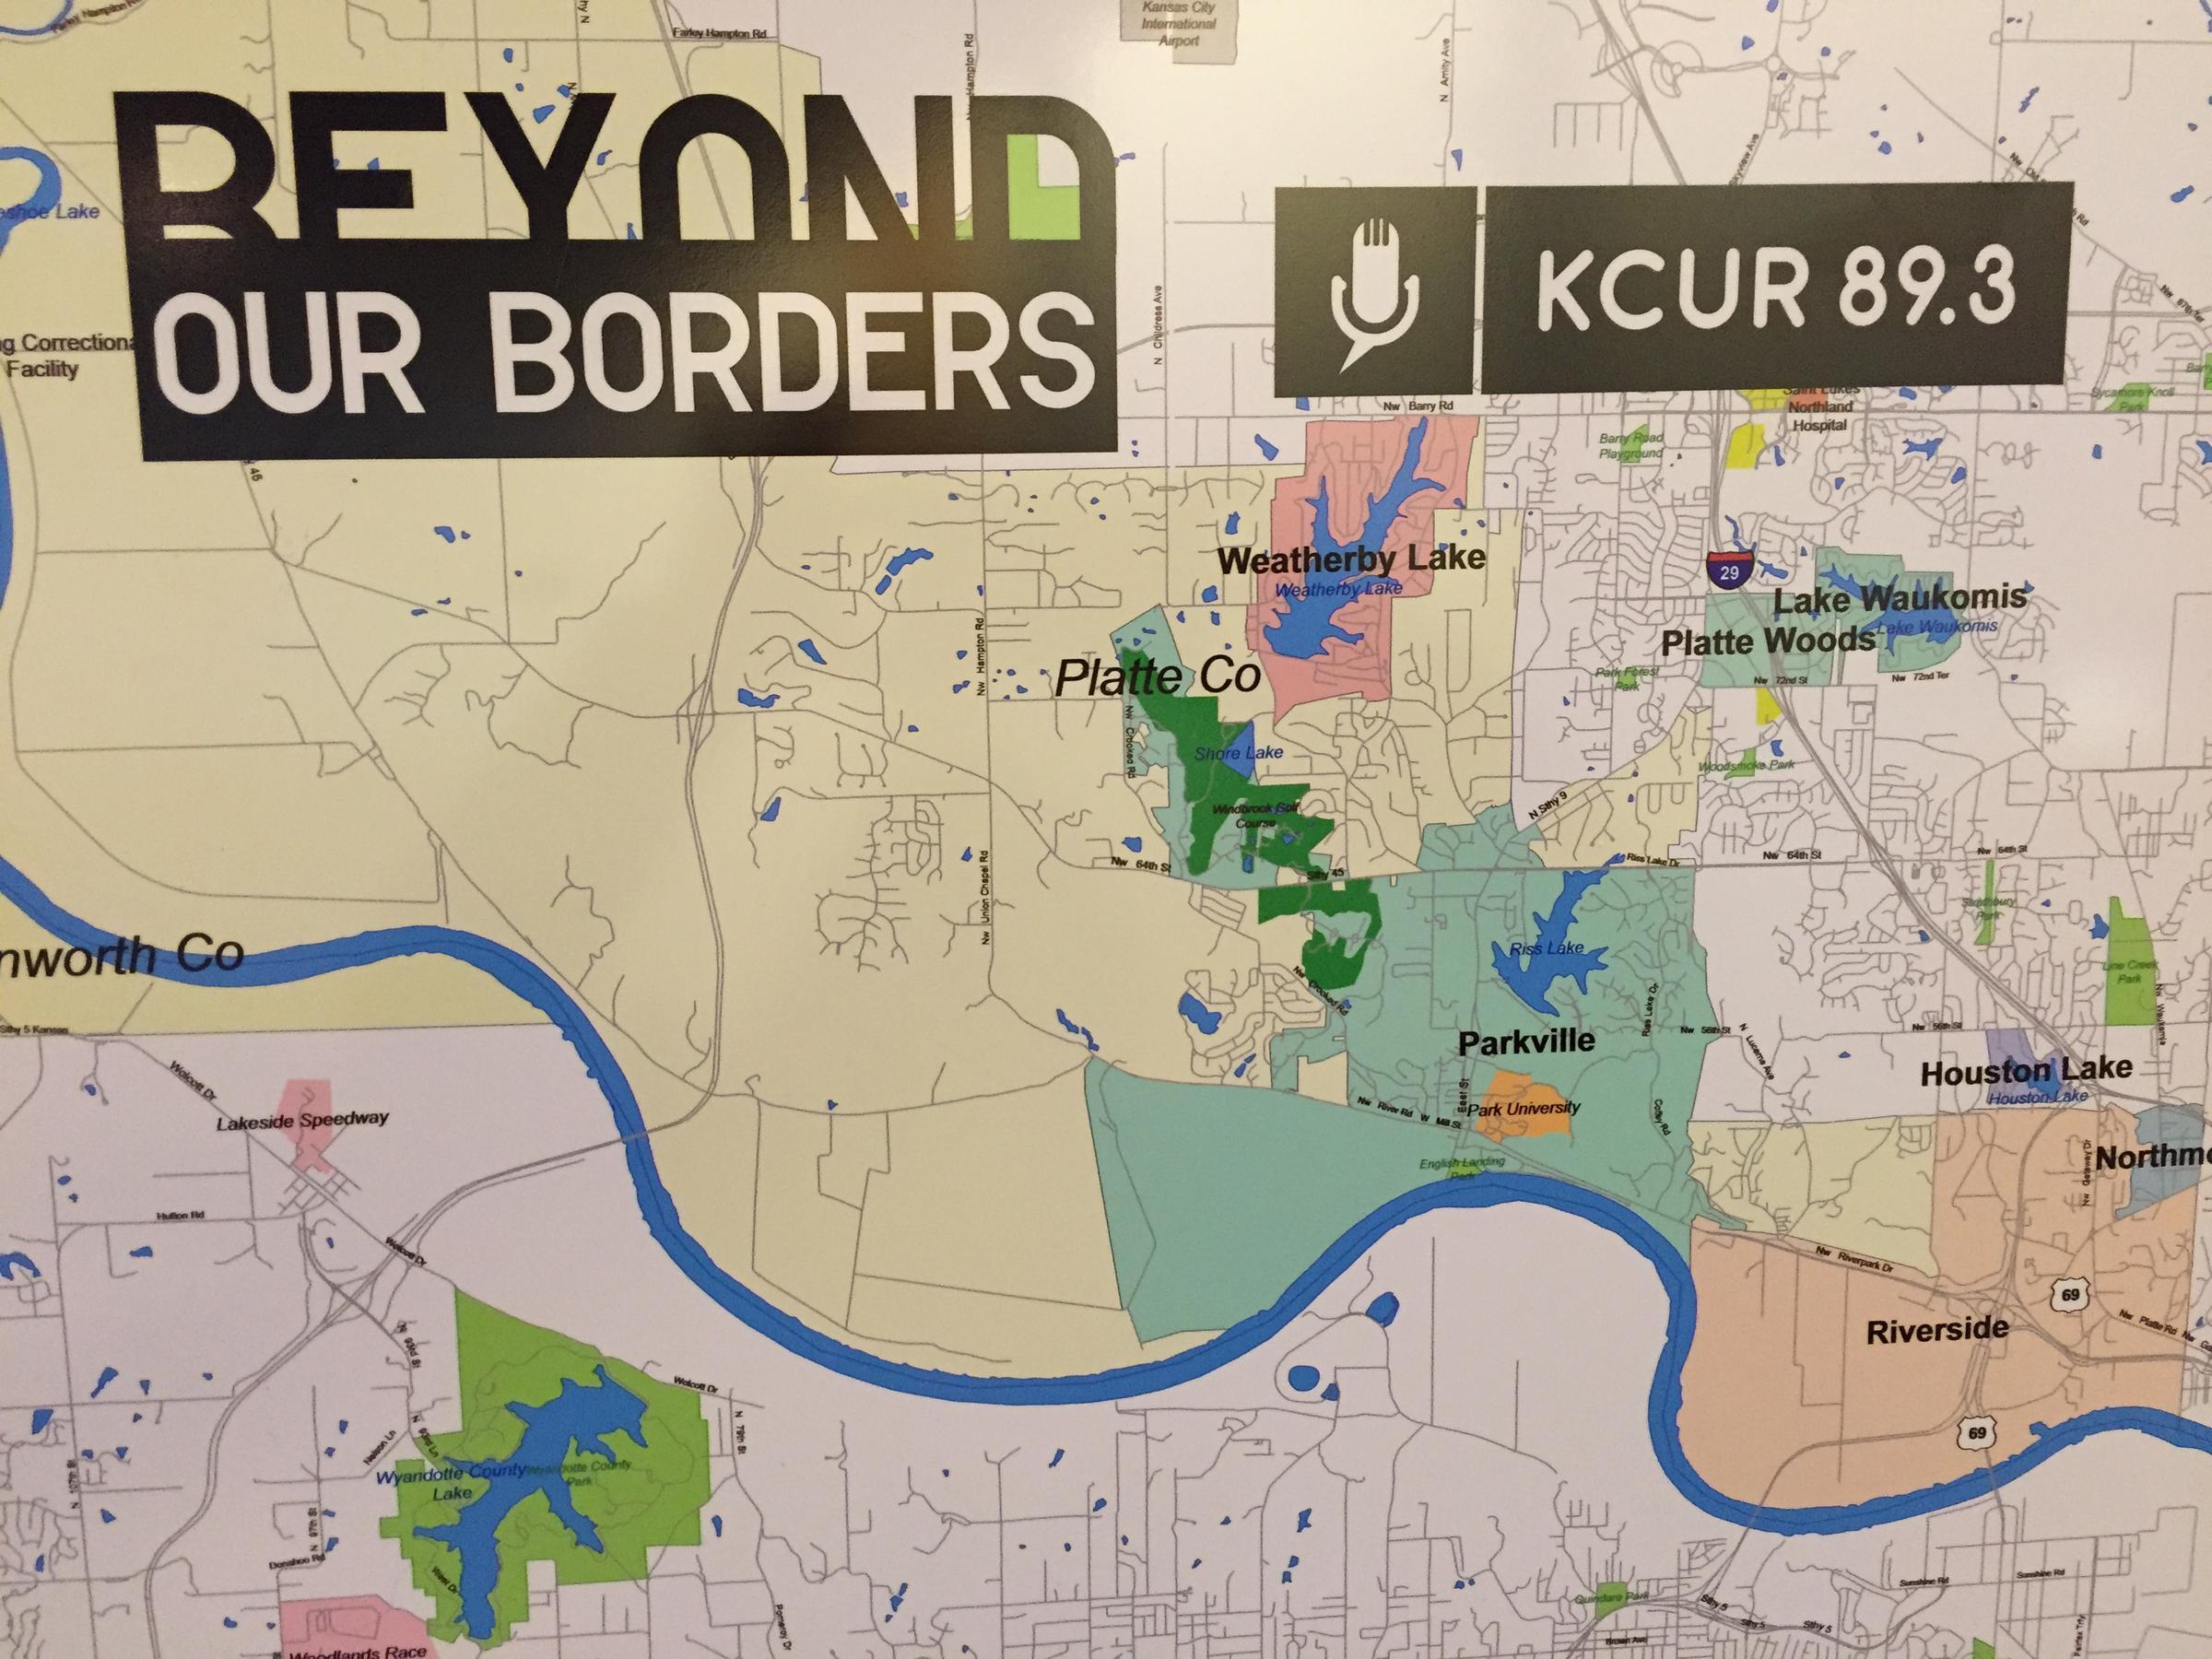 Kansas Citians Go Beyond Our Borders Discuss Lines That Unite